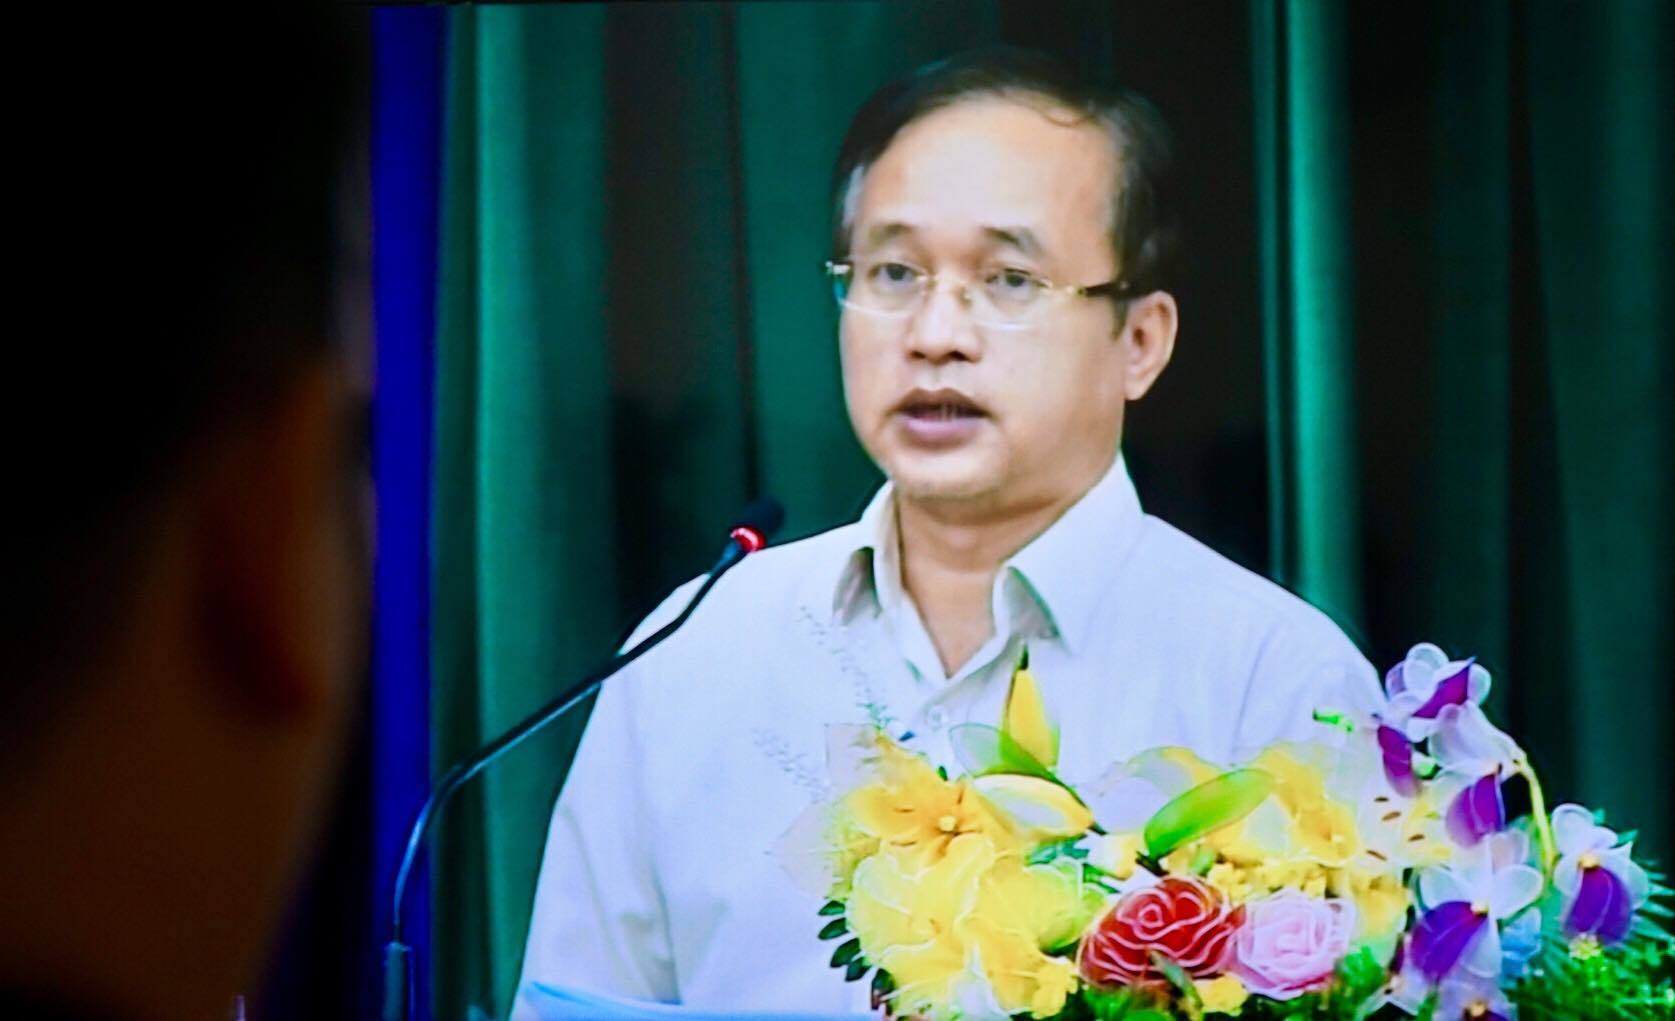 Chủ tịch TP.HCM: Thực tâm muốn giải quyết 'chuyện' Thủ Thiêm